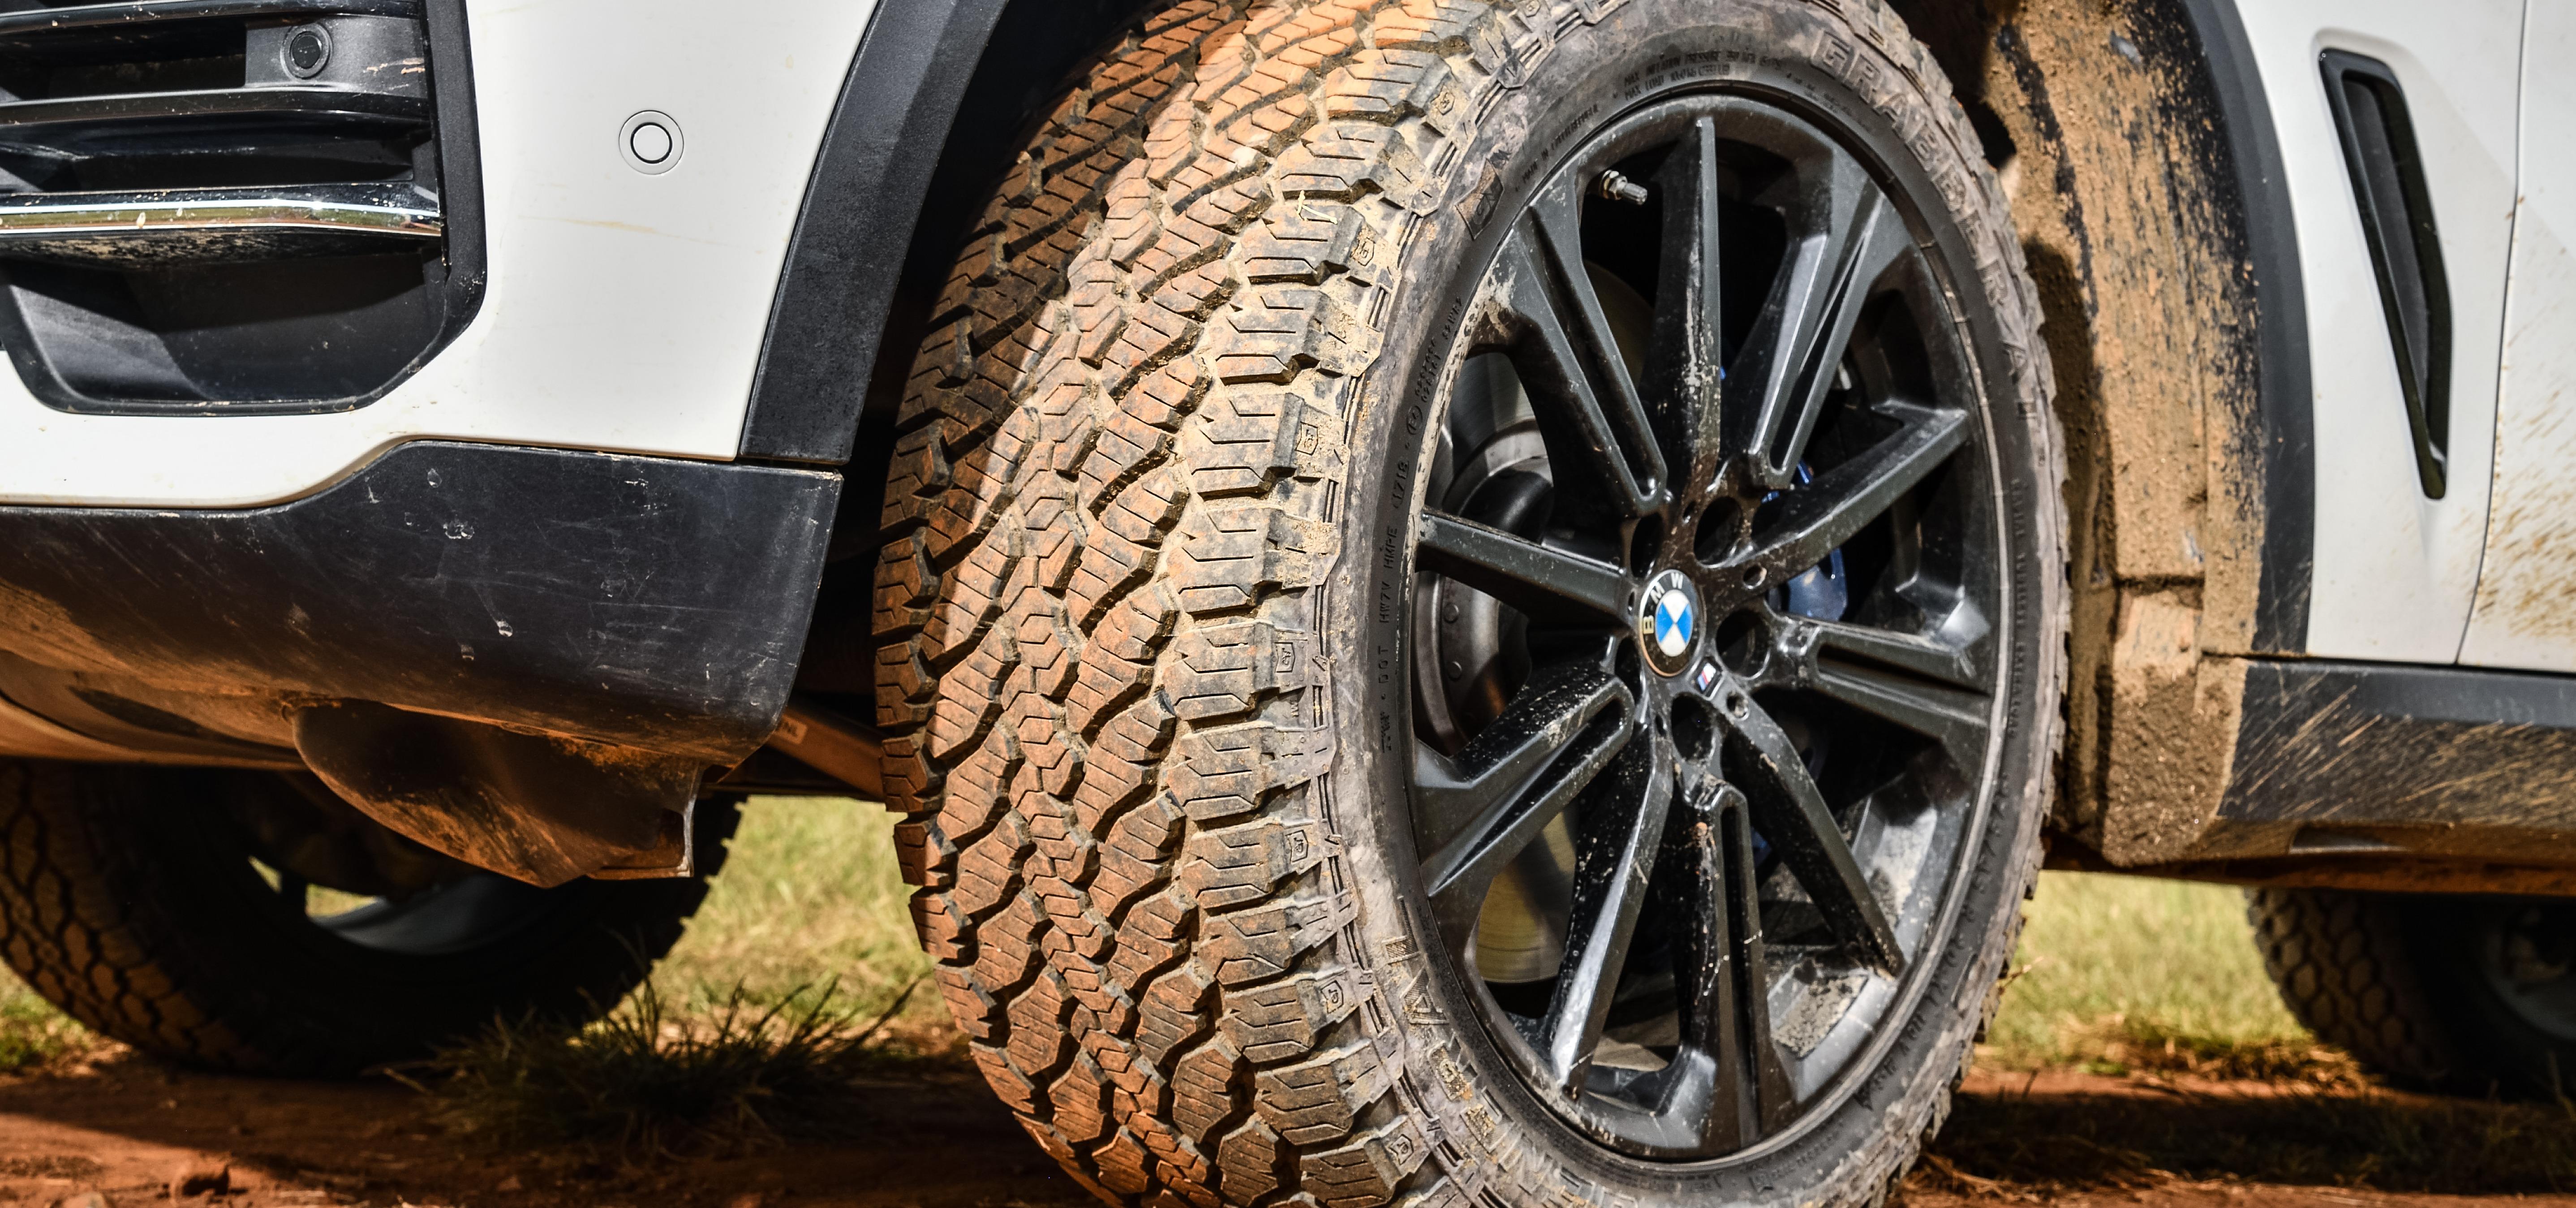 Opona General Tire zalecana do BMW X5